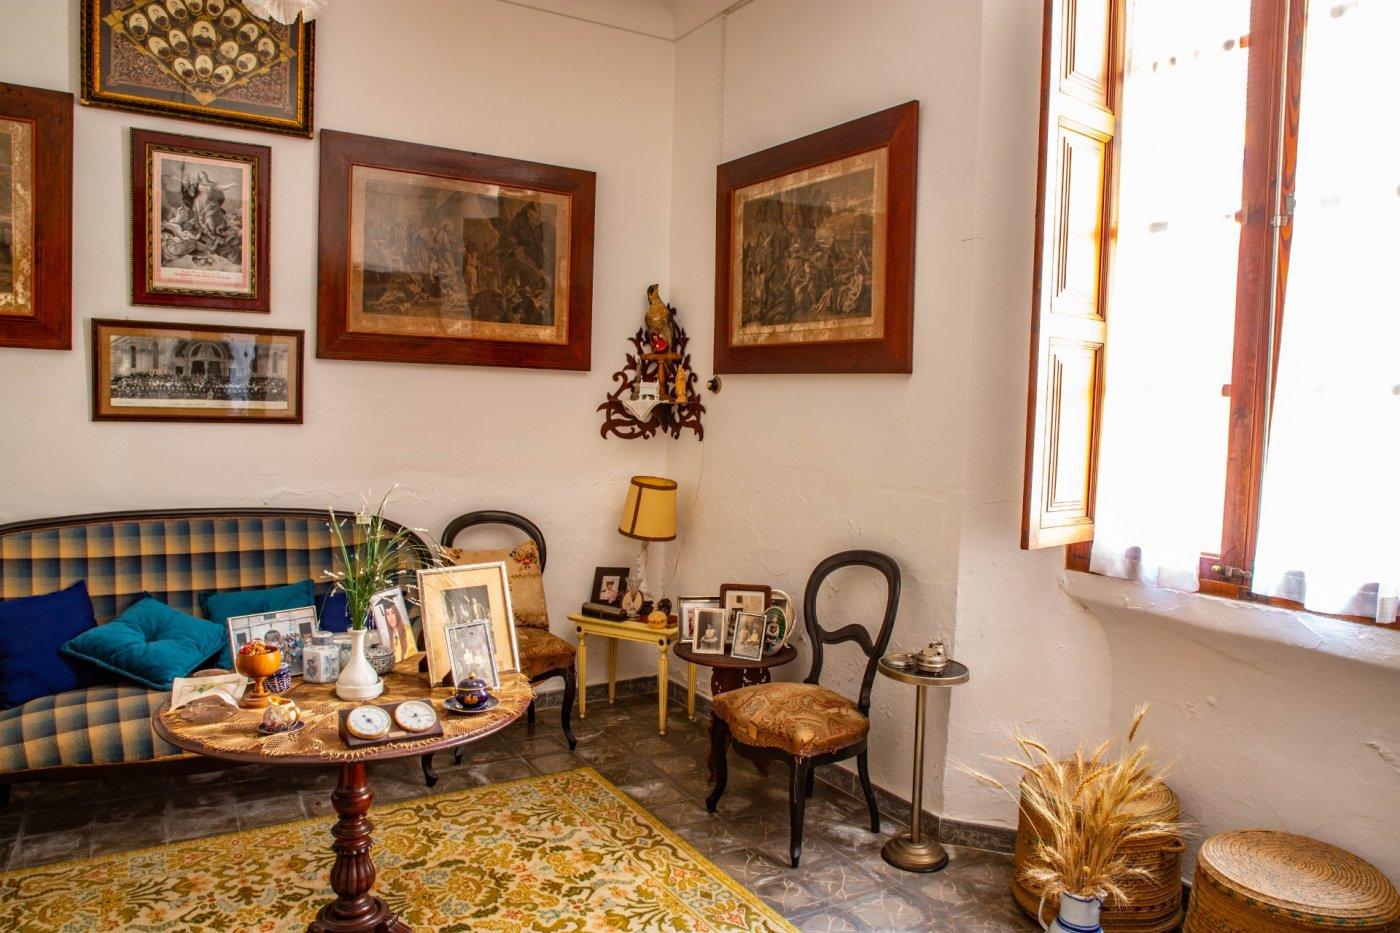 En venta excelente casa en el centro de pollensa - imagenInmueble16